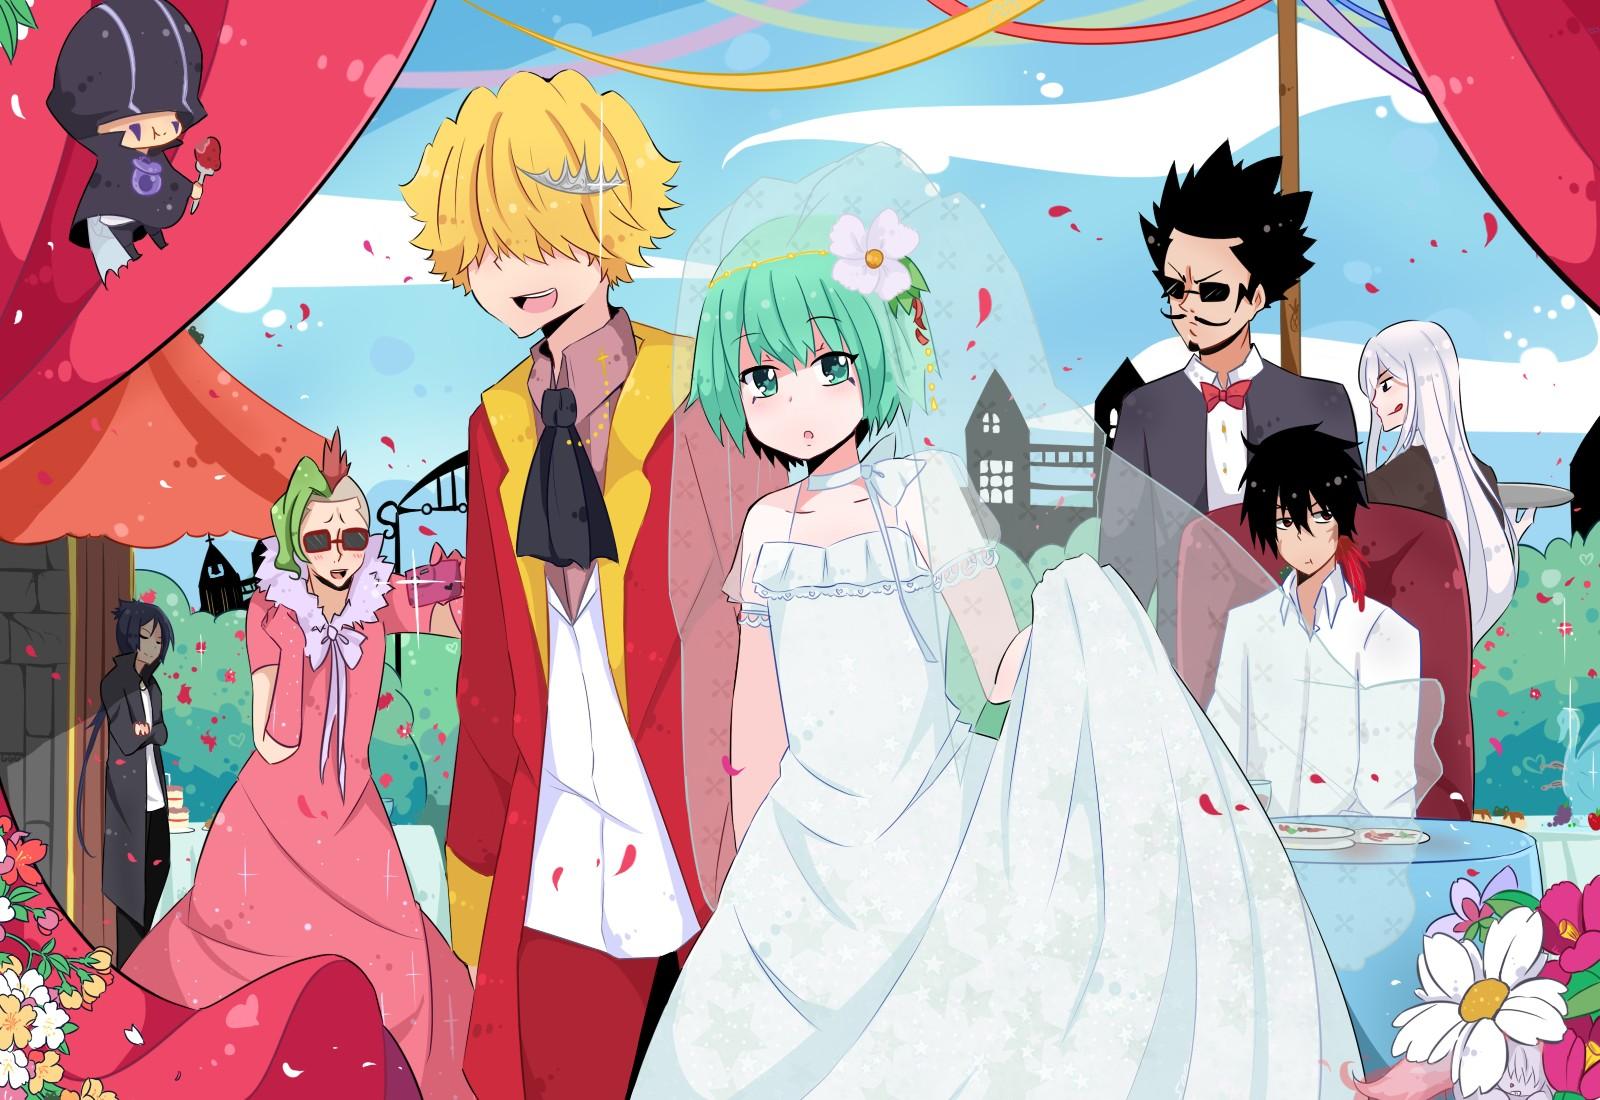 Tranh anime cô công chúa tóc xanh, kết hôn với quàng tử thì dĩ nhiên trở thành công chúa rồi